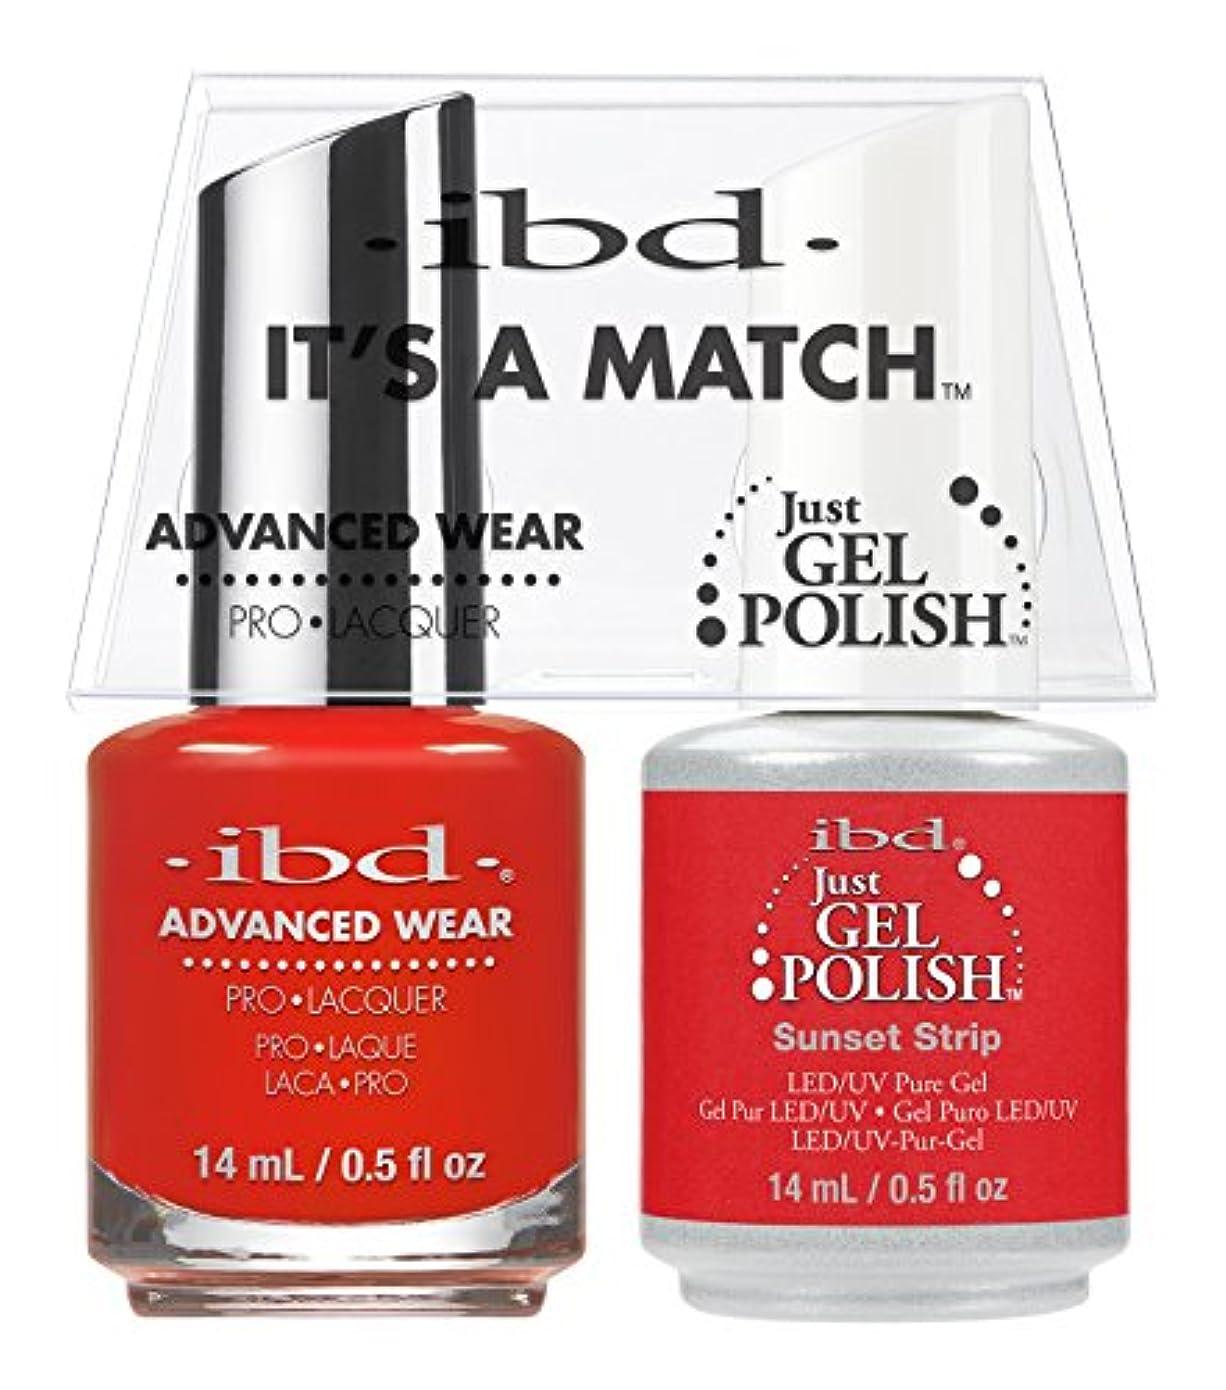 リズミカルな珍味乳ibd - It's A Match -Duo Pack- Sunset Strip - 14 mL / 0.5 oz Each